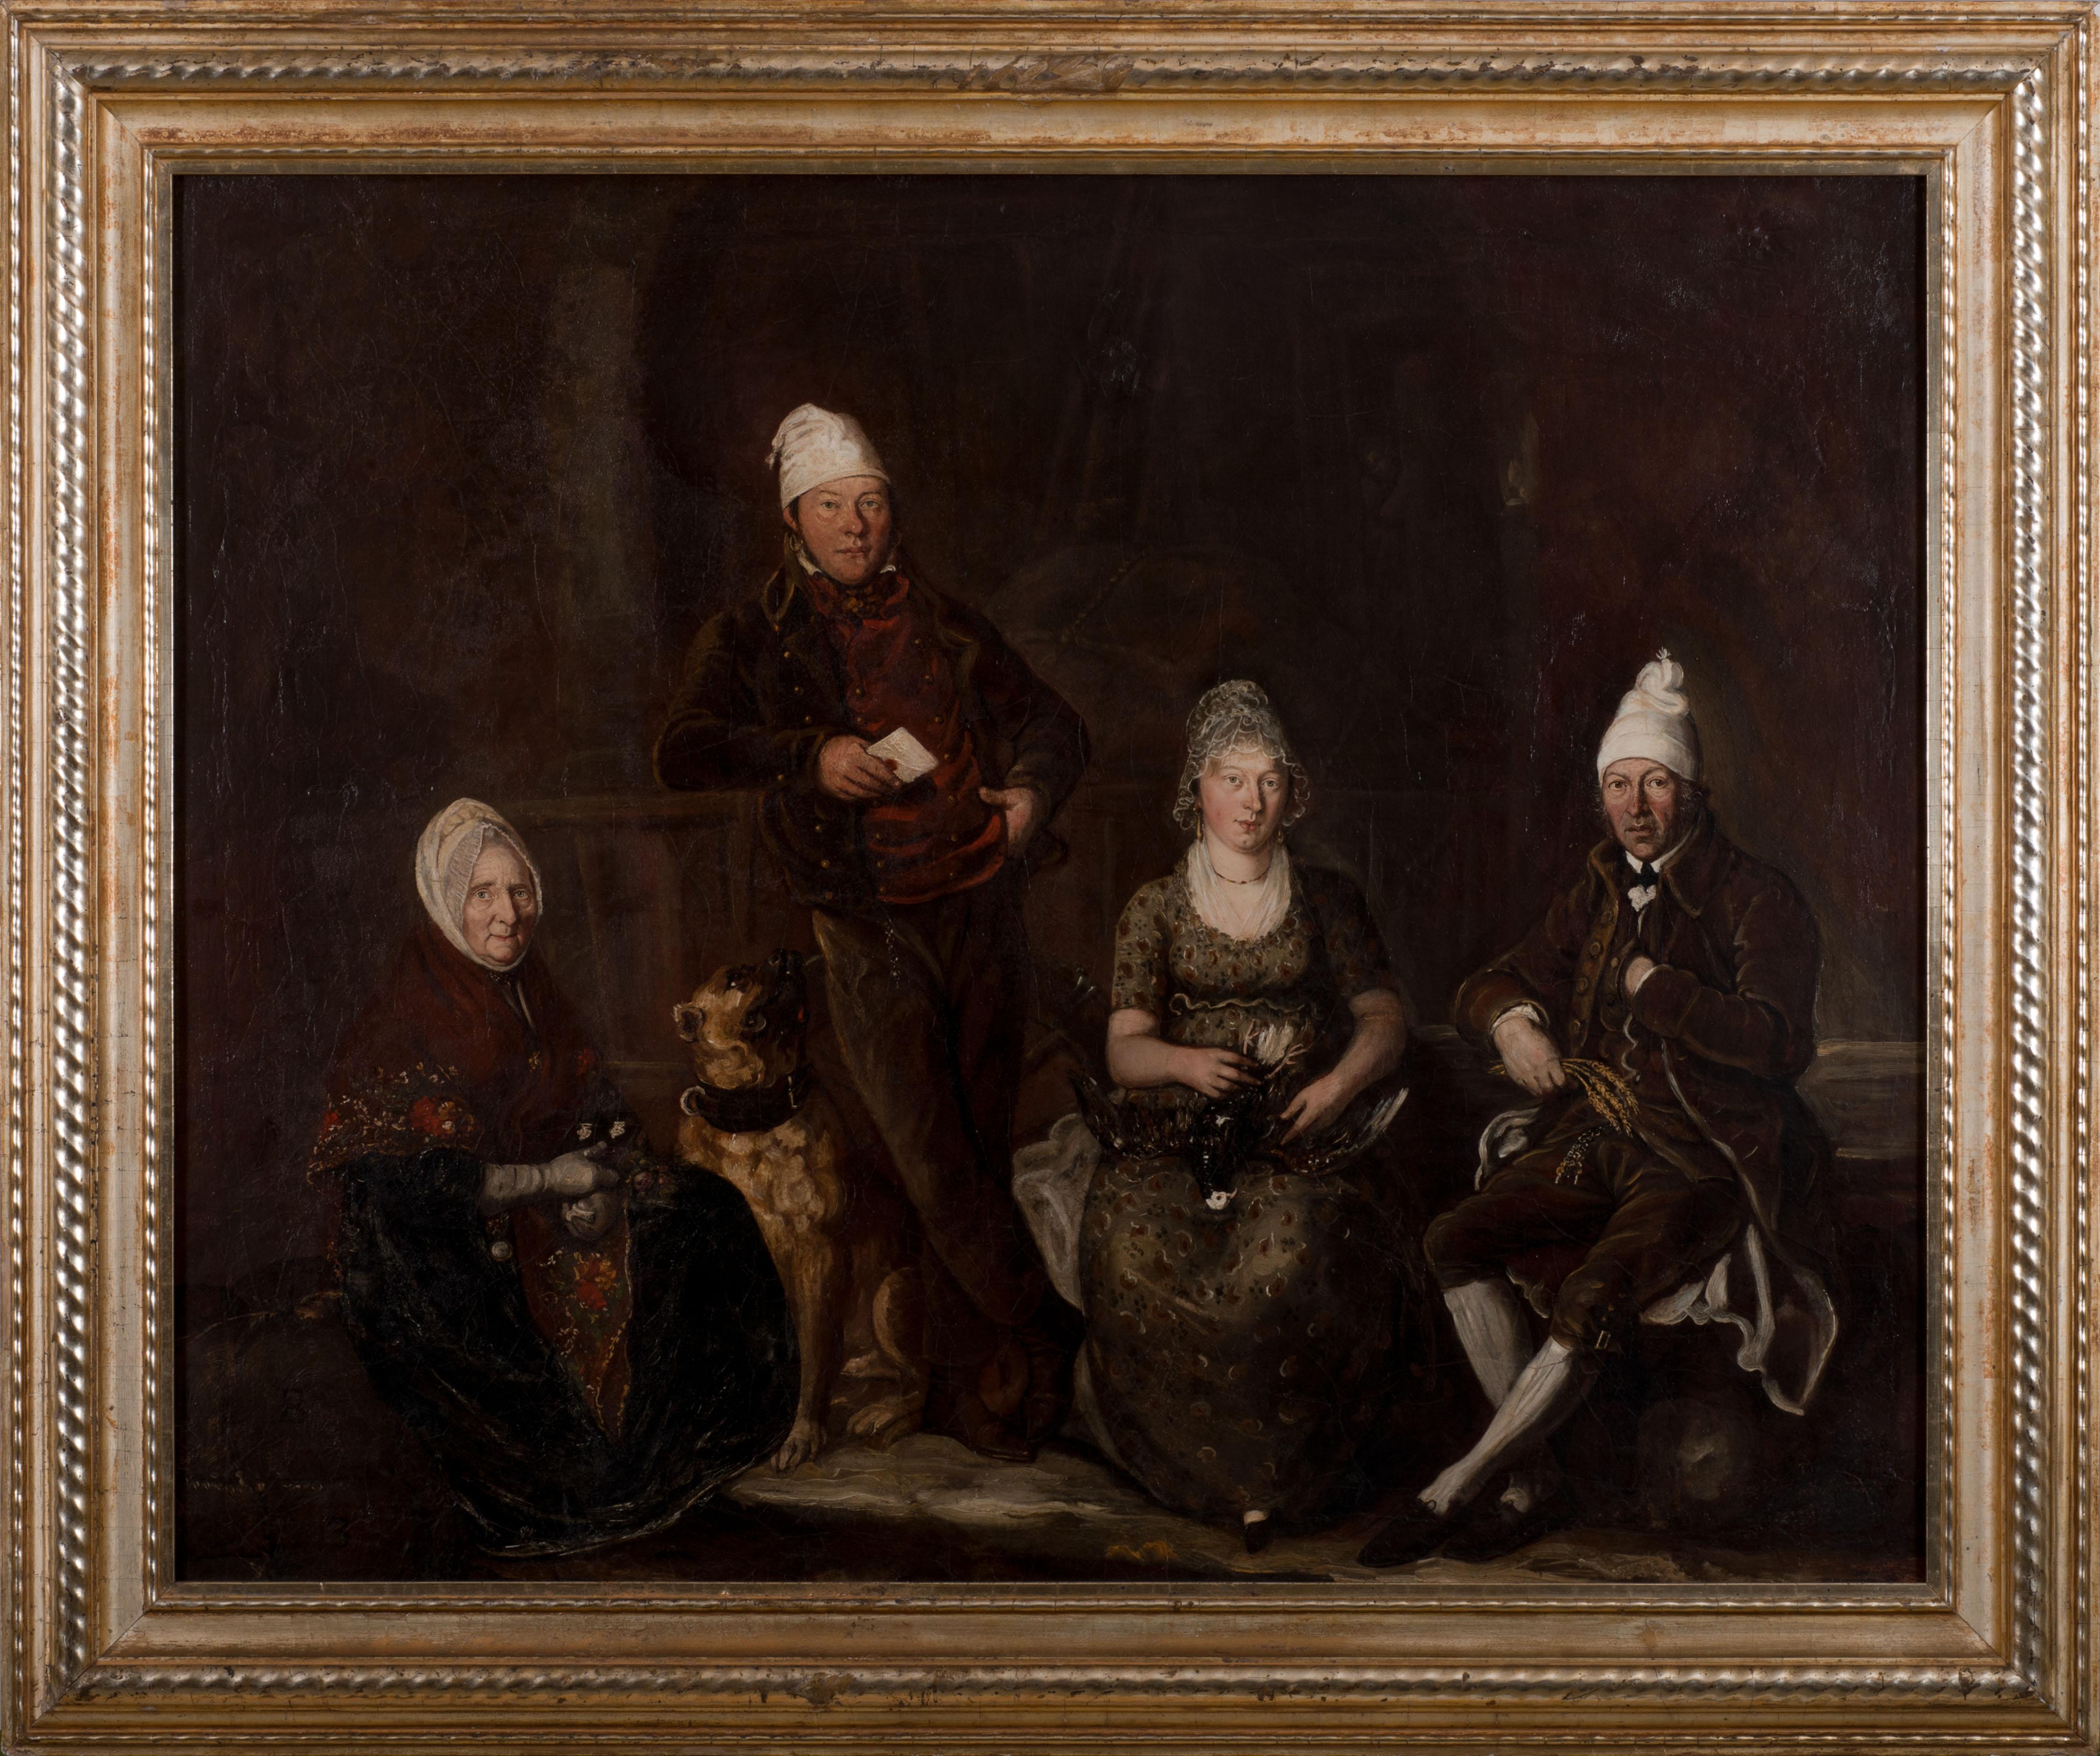 Dans un cadre doré, on peut voir un tableau peint en couleurs foncées avec quatre personnes différentes et un chien. Tous portent un couvre-chef blanc à l'ancienne et un seul d'entre eux se tient debout, les autres s'assoient.